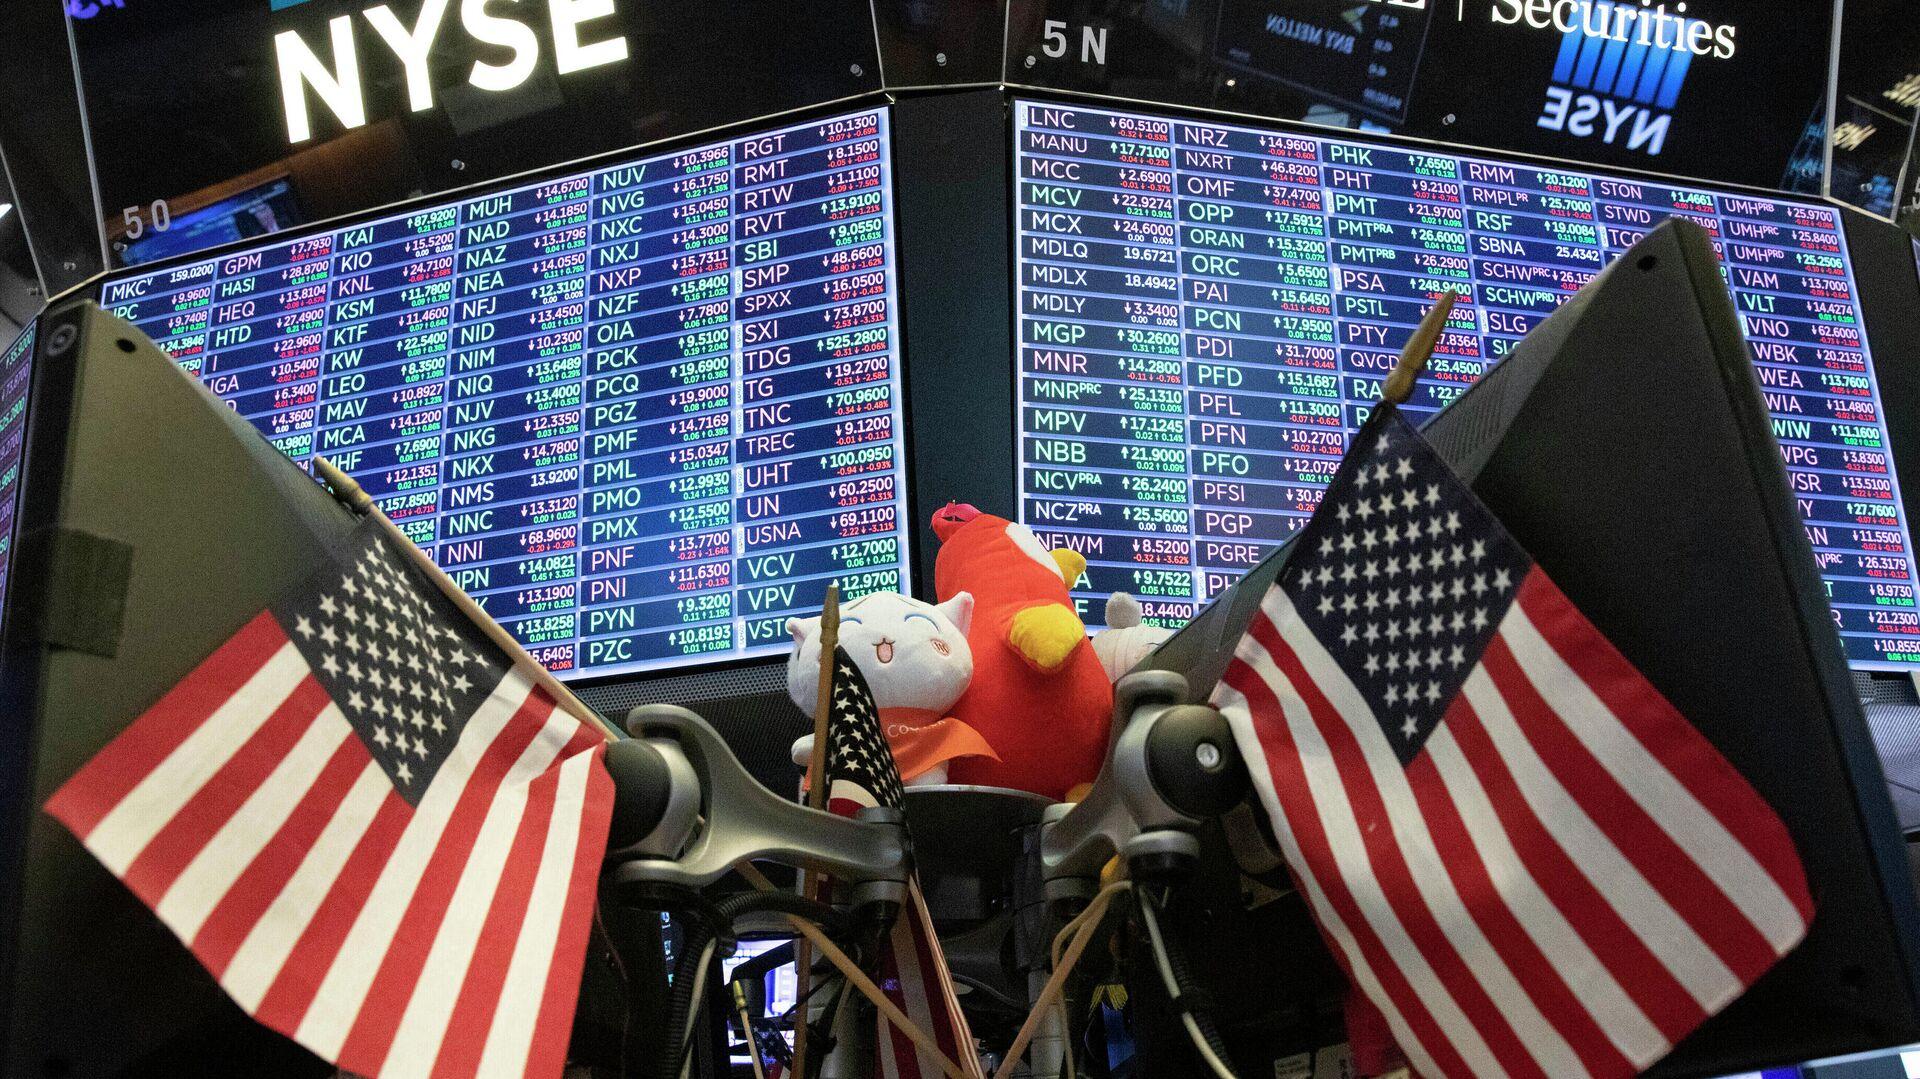 Котировки ценных бумаг на Нью-Йоркской фондовой бирже - РИА Новости, 1920, 27.10.2020